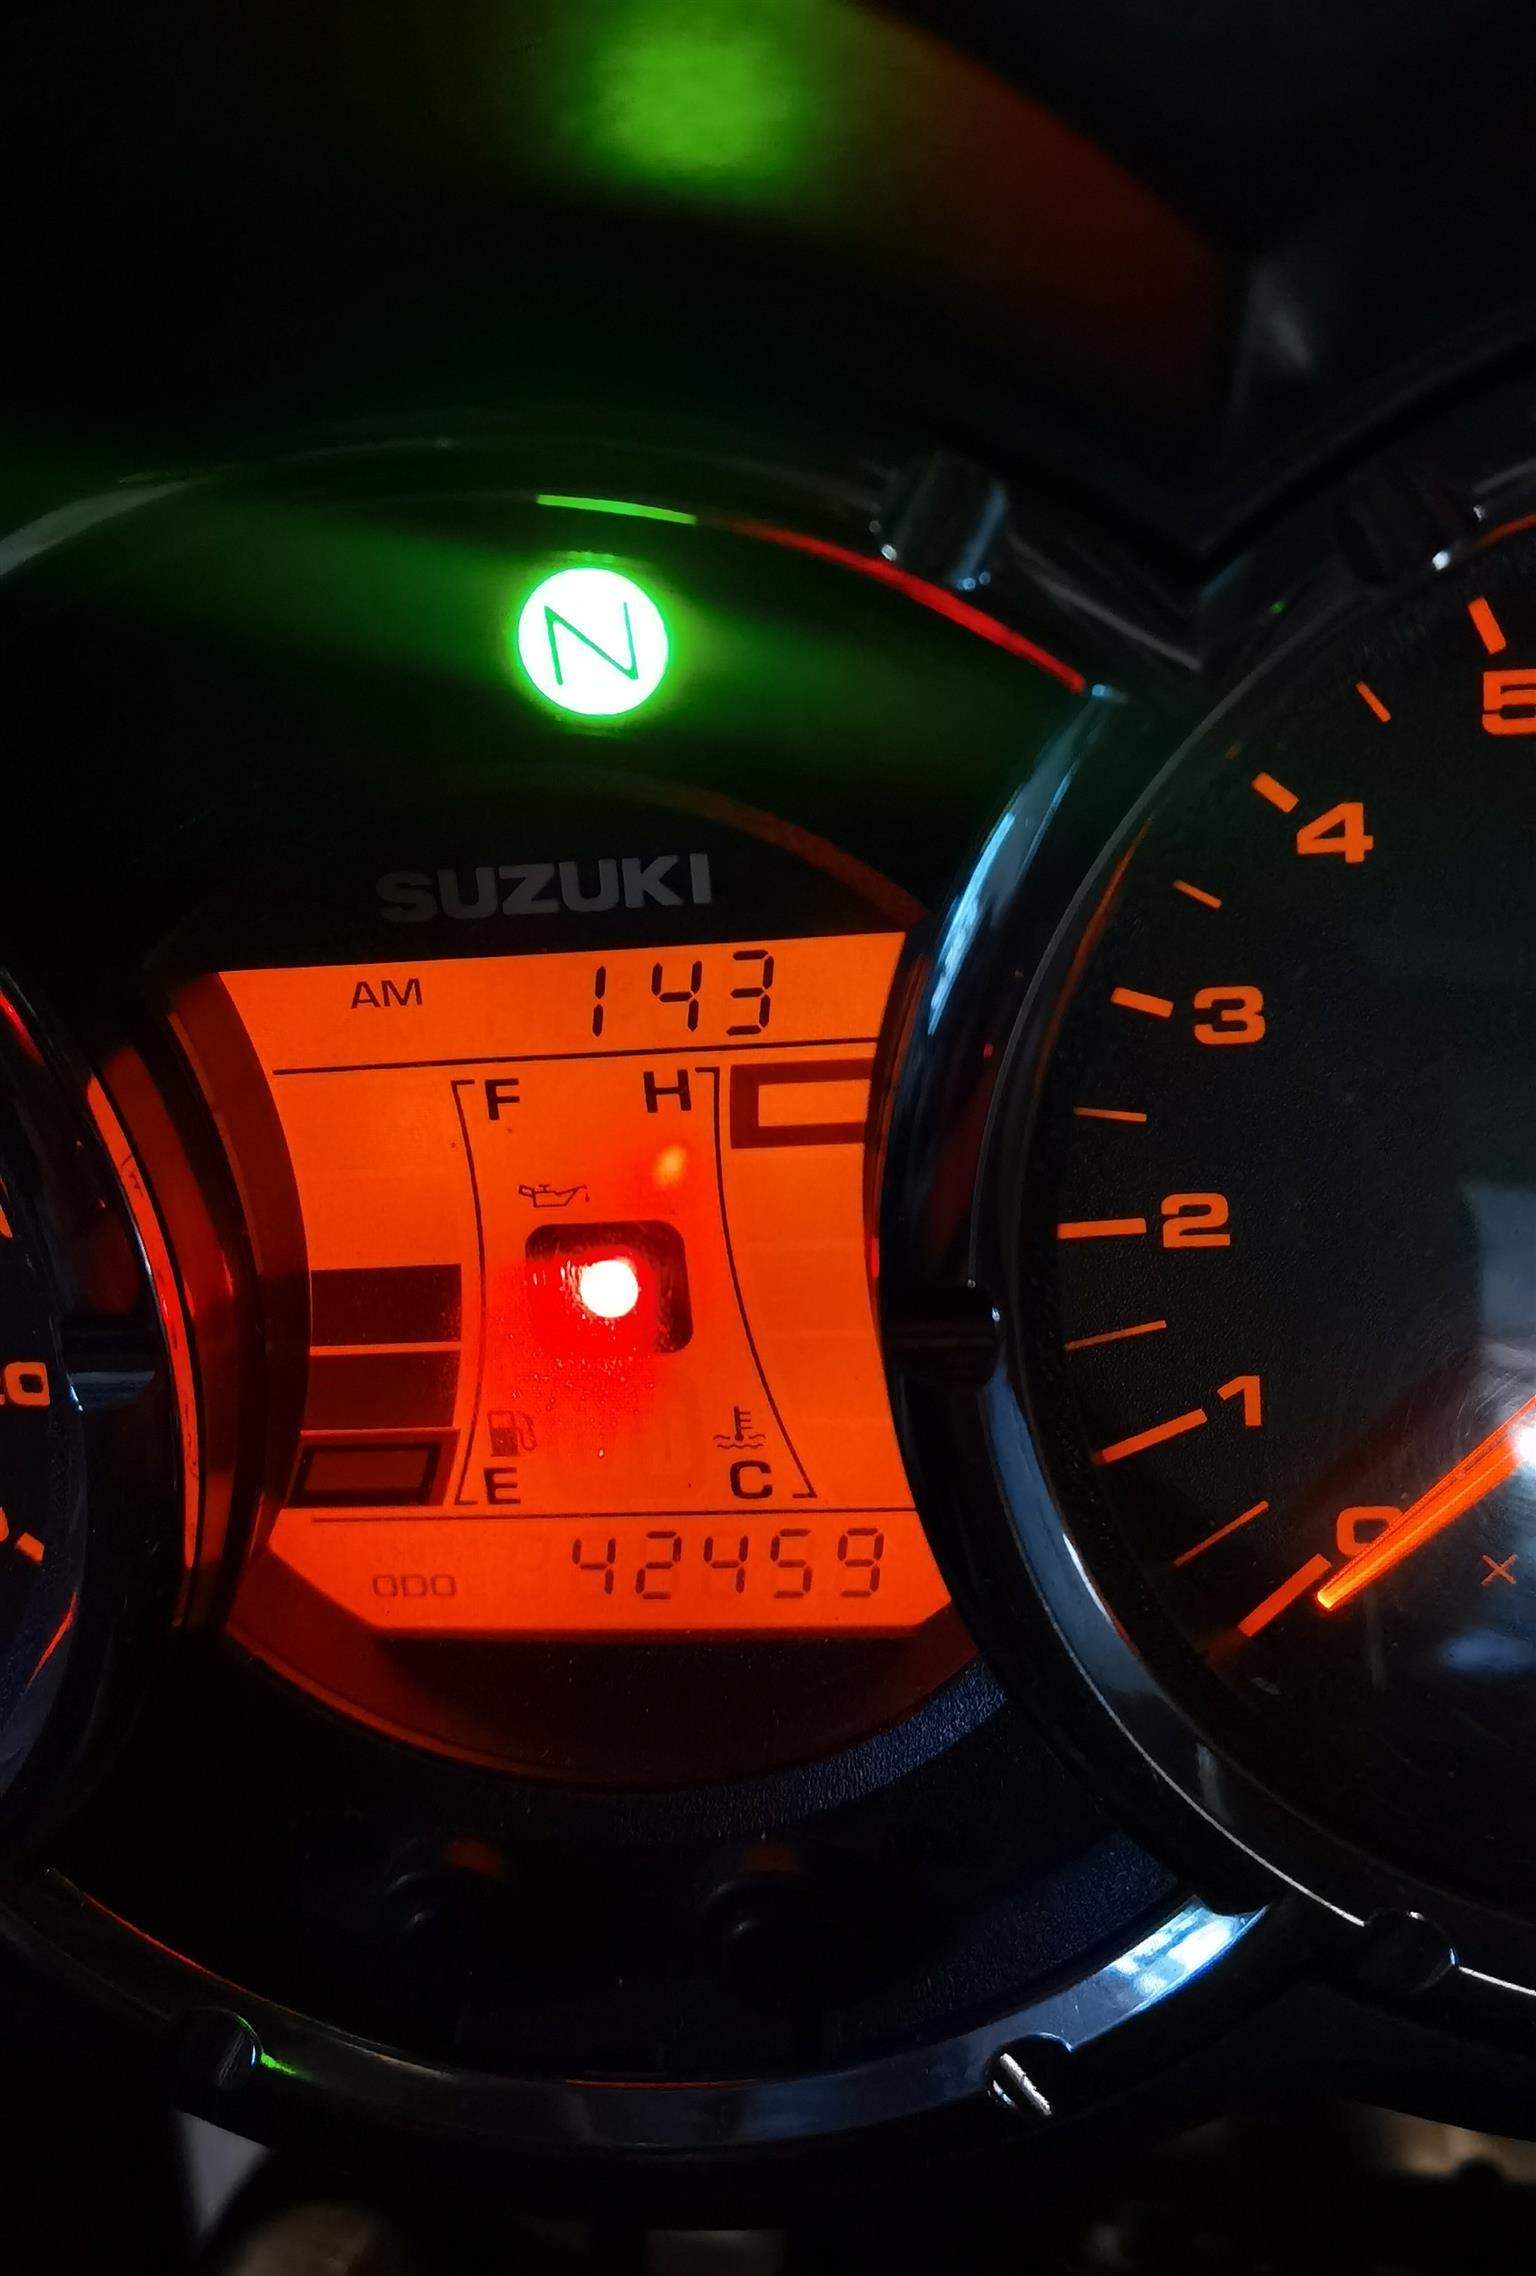 2008 Suzuki DL1000